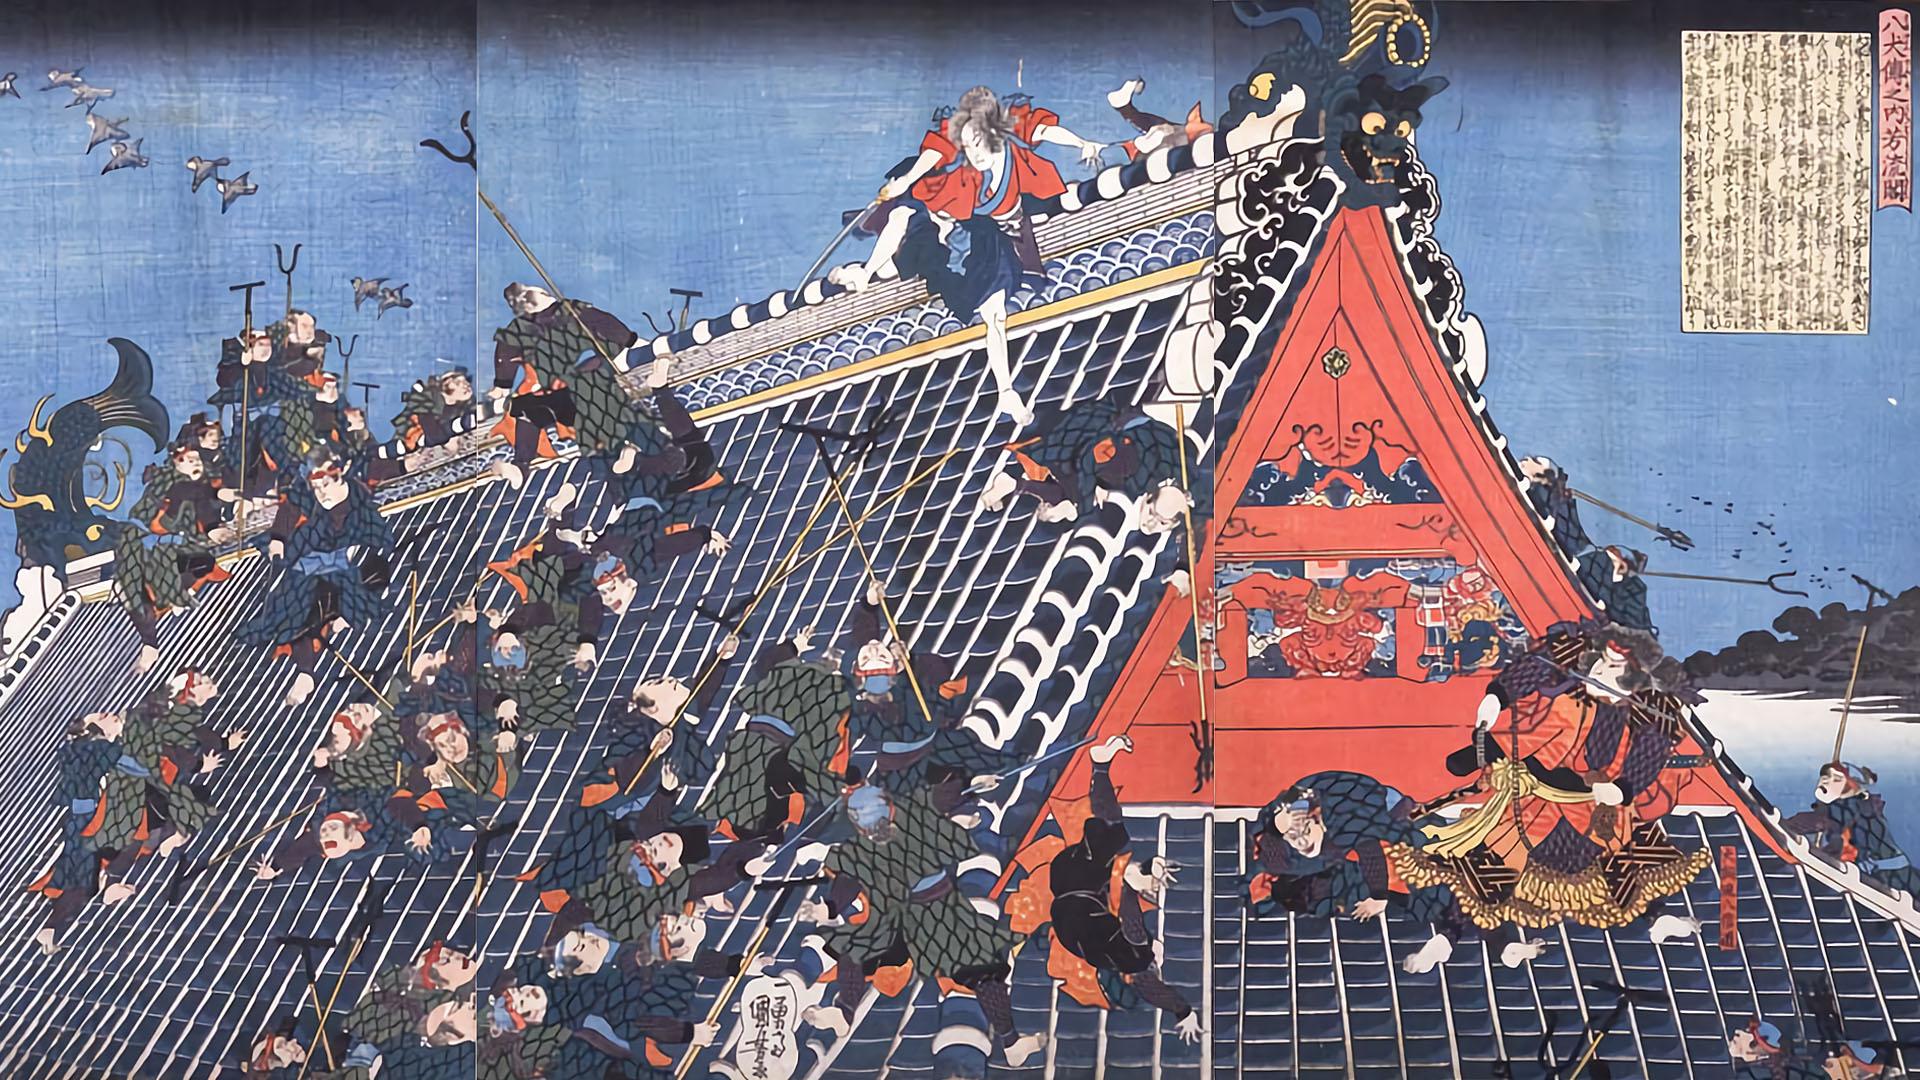 Utagawa Kuniyoshi - Hakkendenn nouchi houryukaku 1920x1080